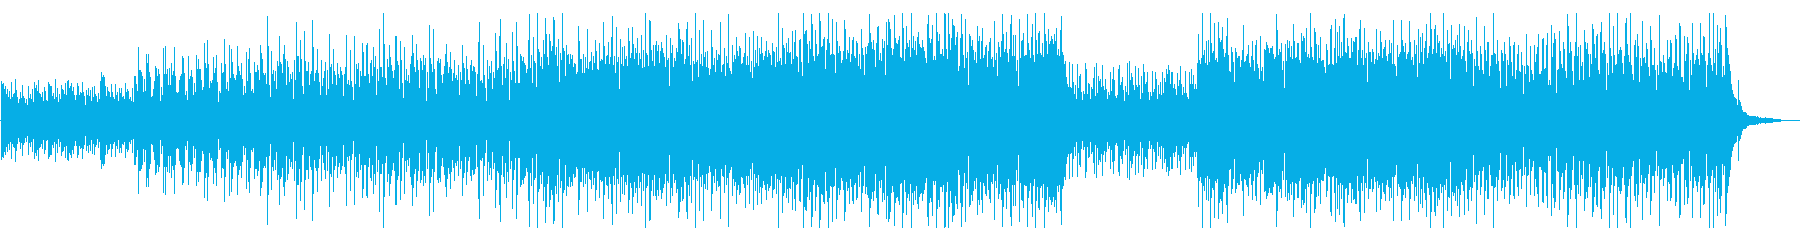 爽やかポップオーケストラの再生済みの波形